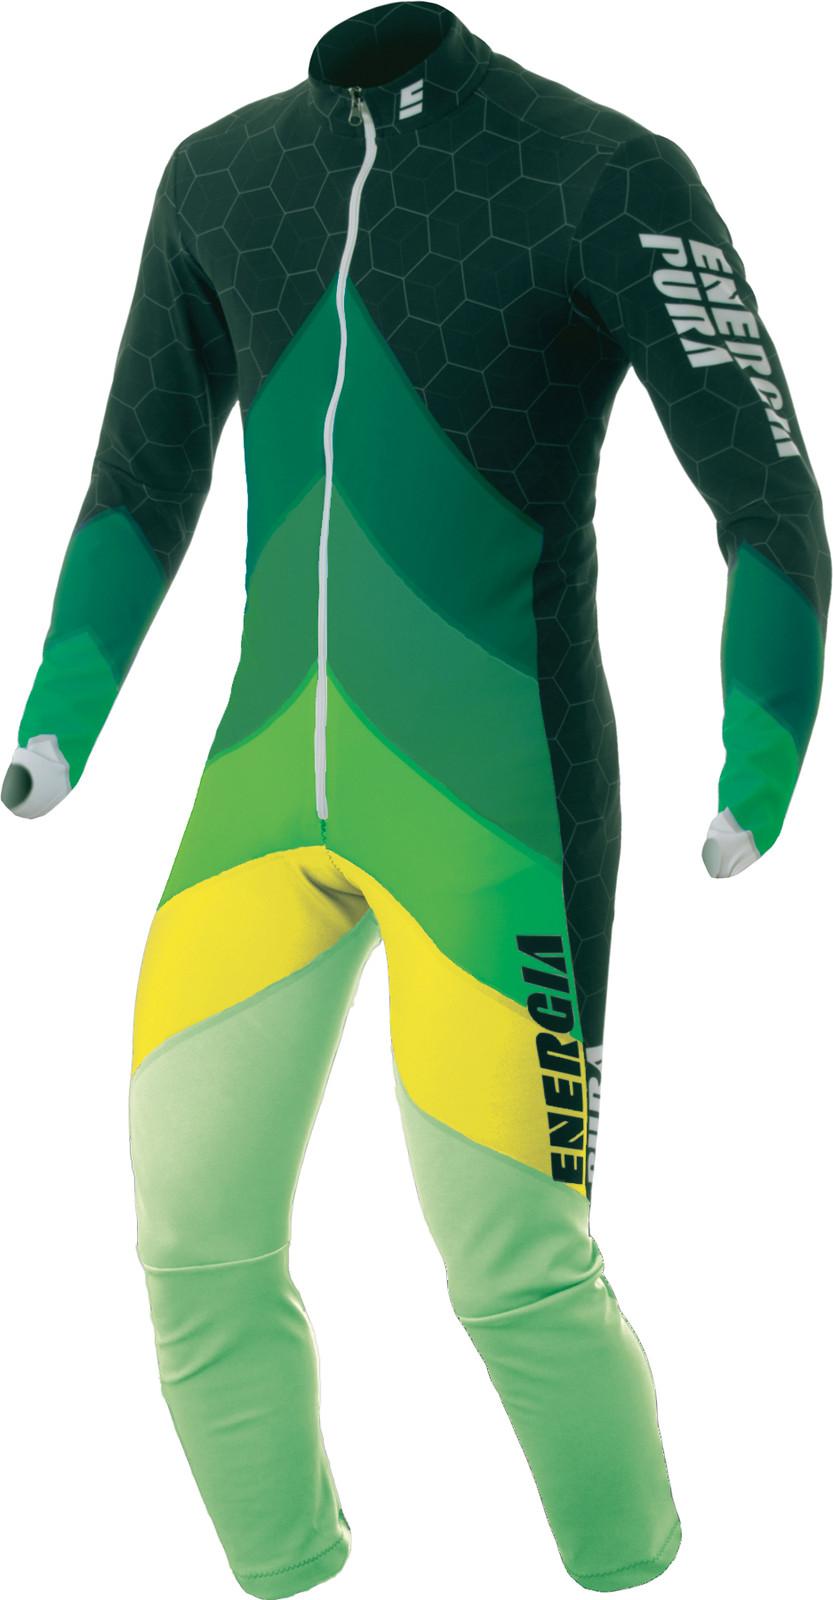 Energiapura Padded Junior GS Race Suit